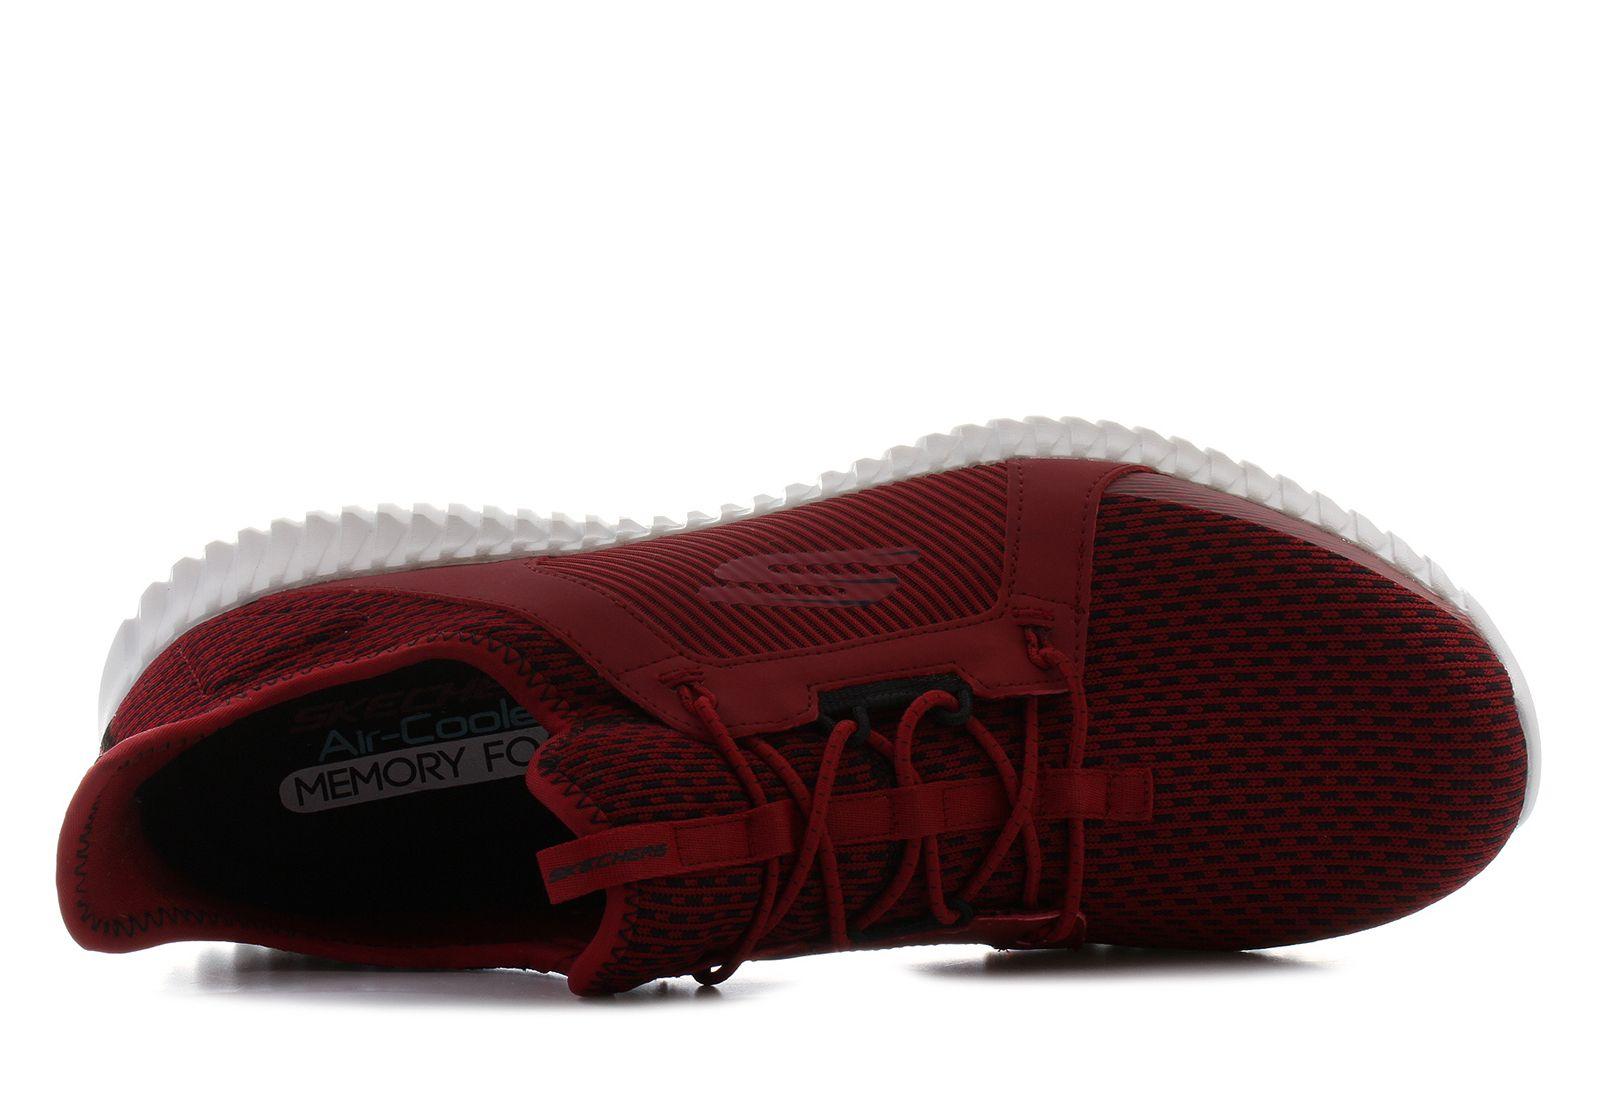 l'élite rdbk modulable modulable modulable sketchers chaussures boutique en ligne de baskets d11867